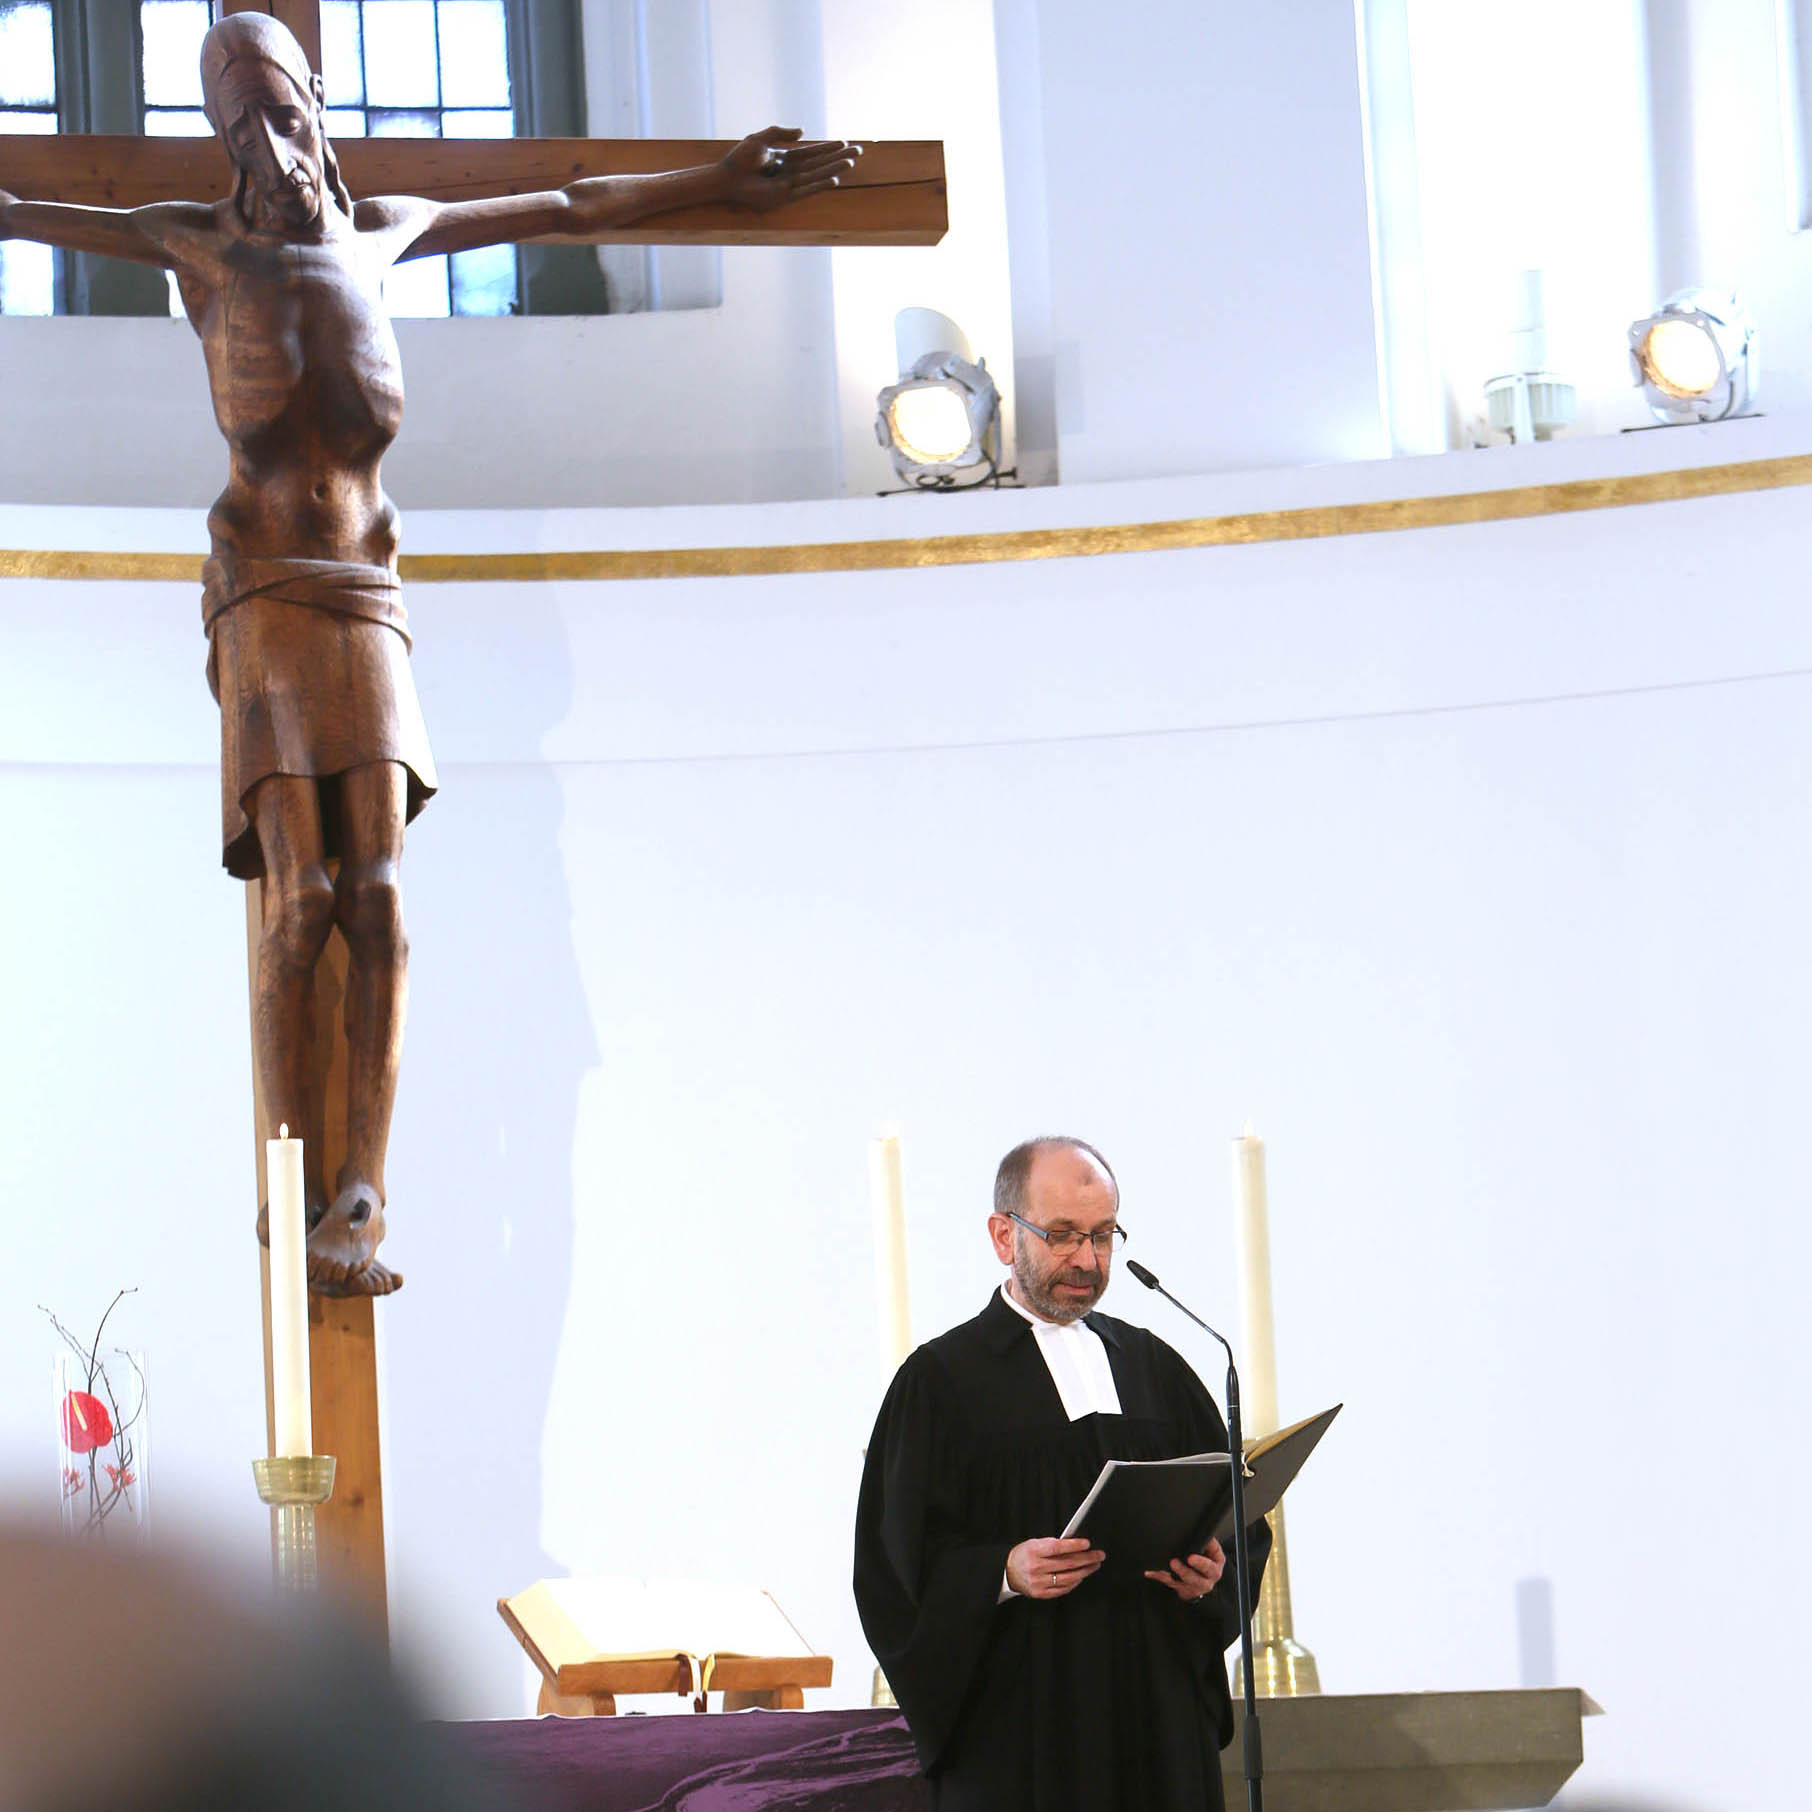 Präses Manfred Rekowski in der Düsseldorfer Johanneskirche.